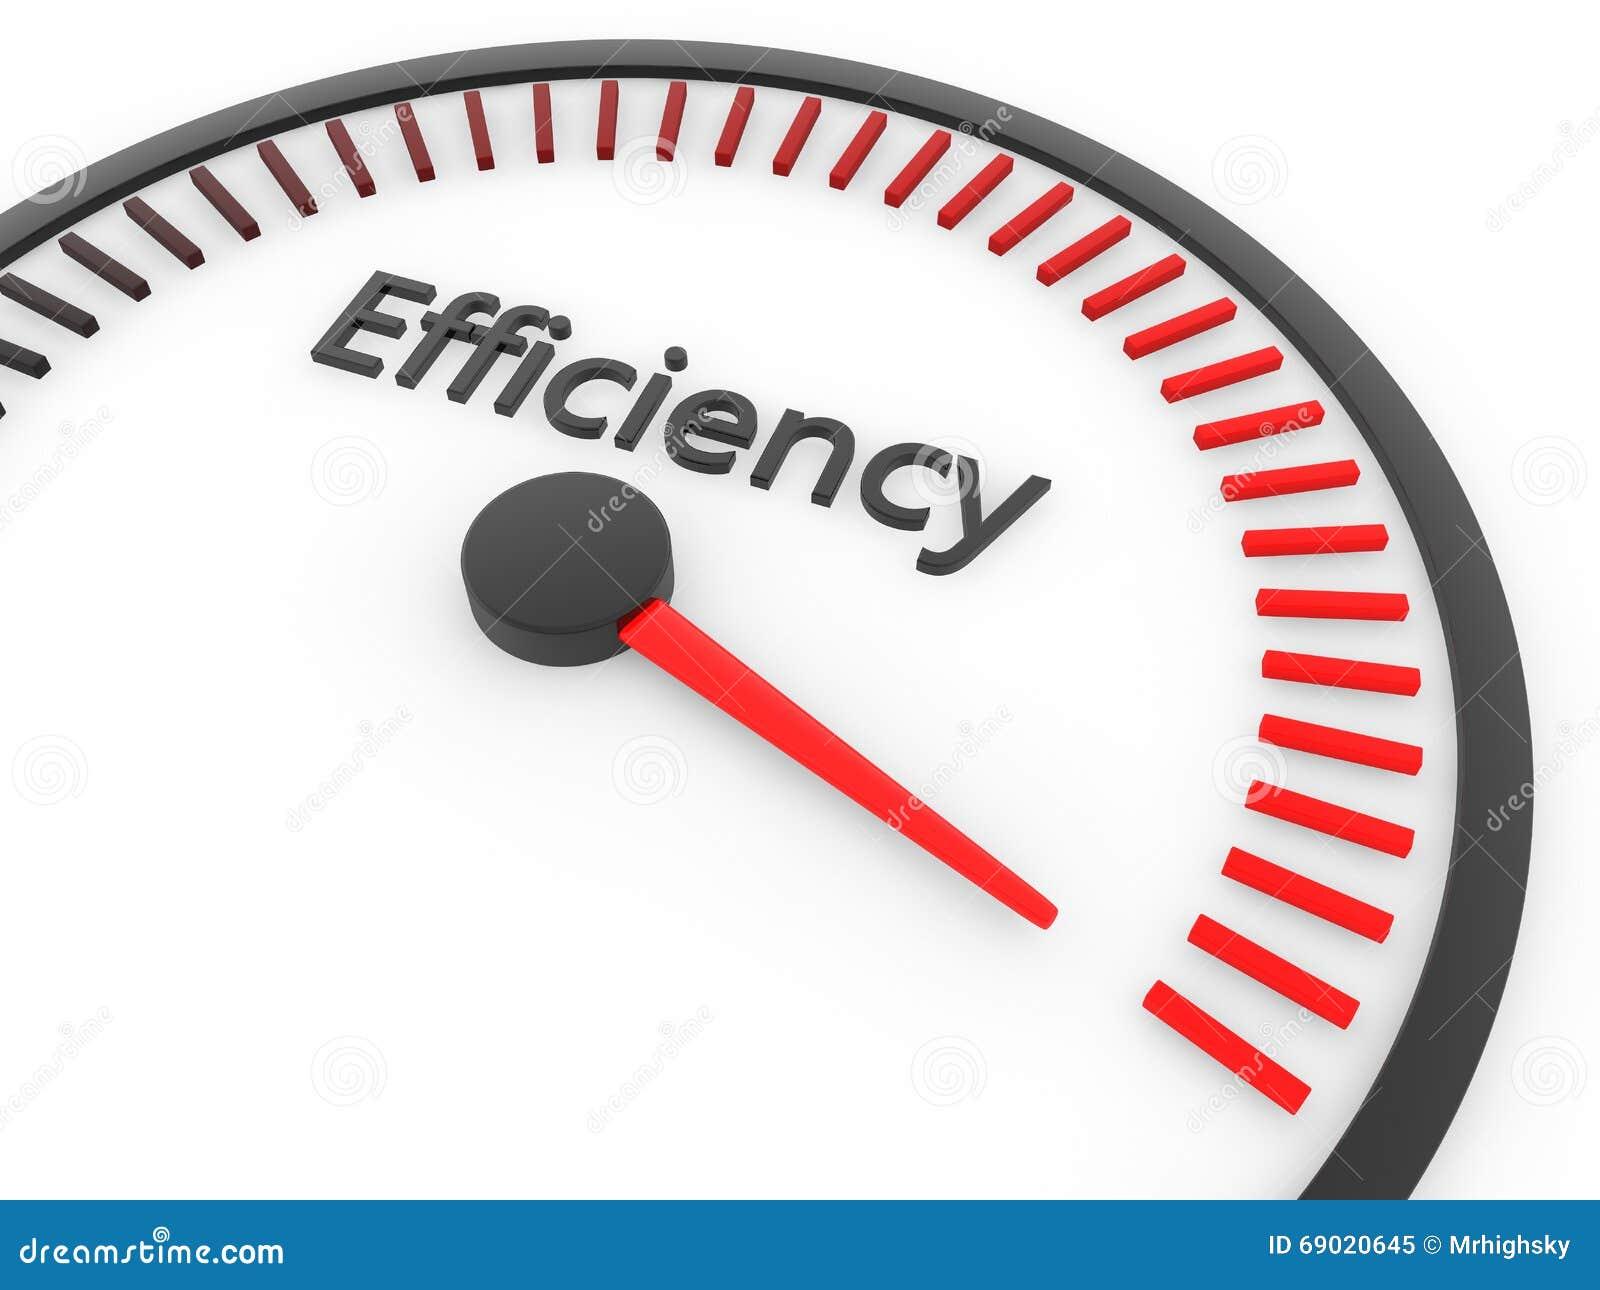 Speed meter maximum efficiency